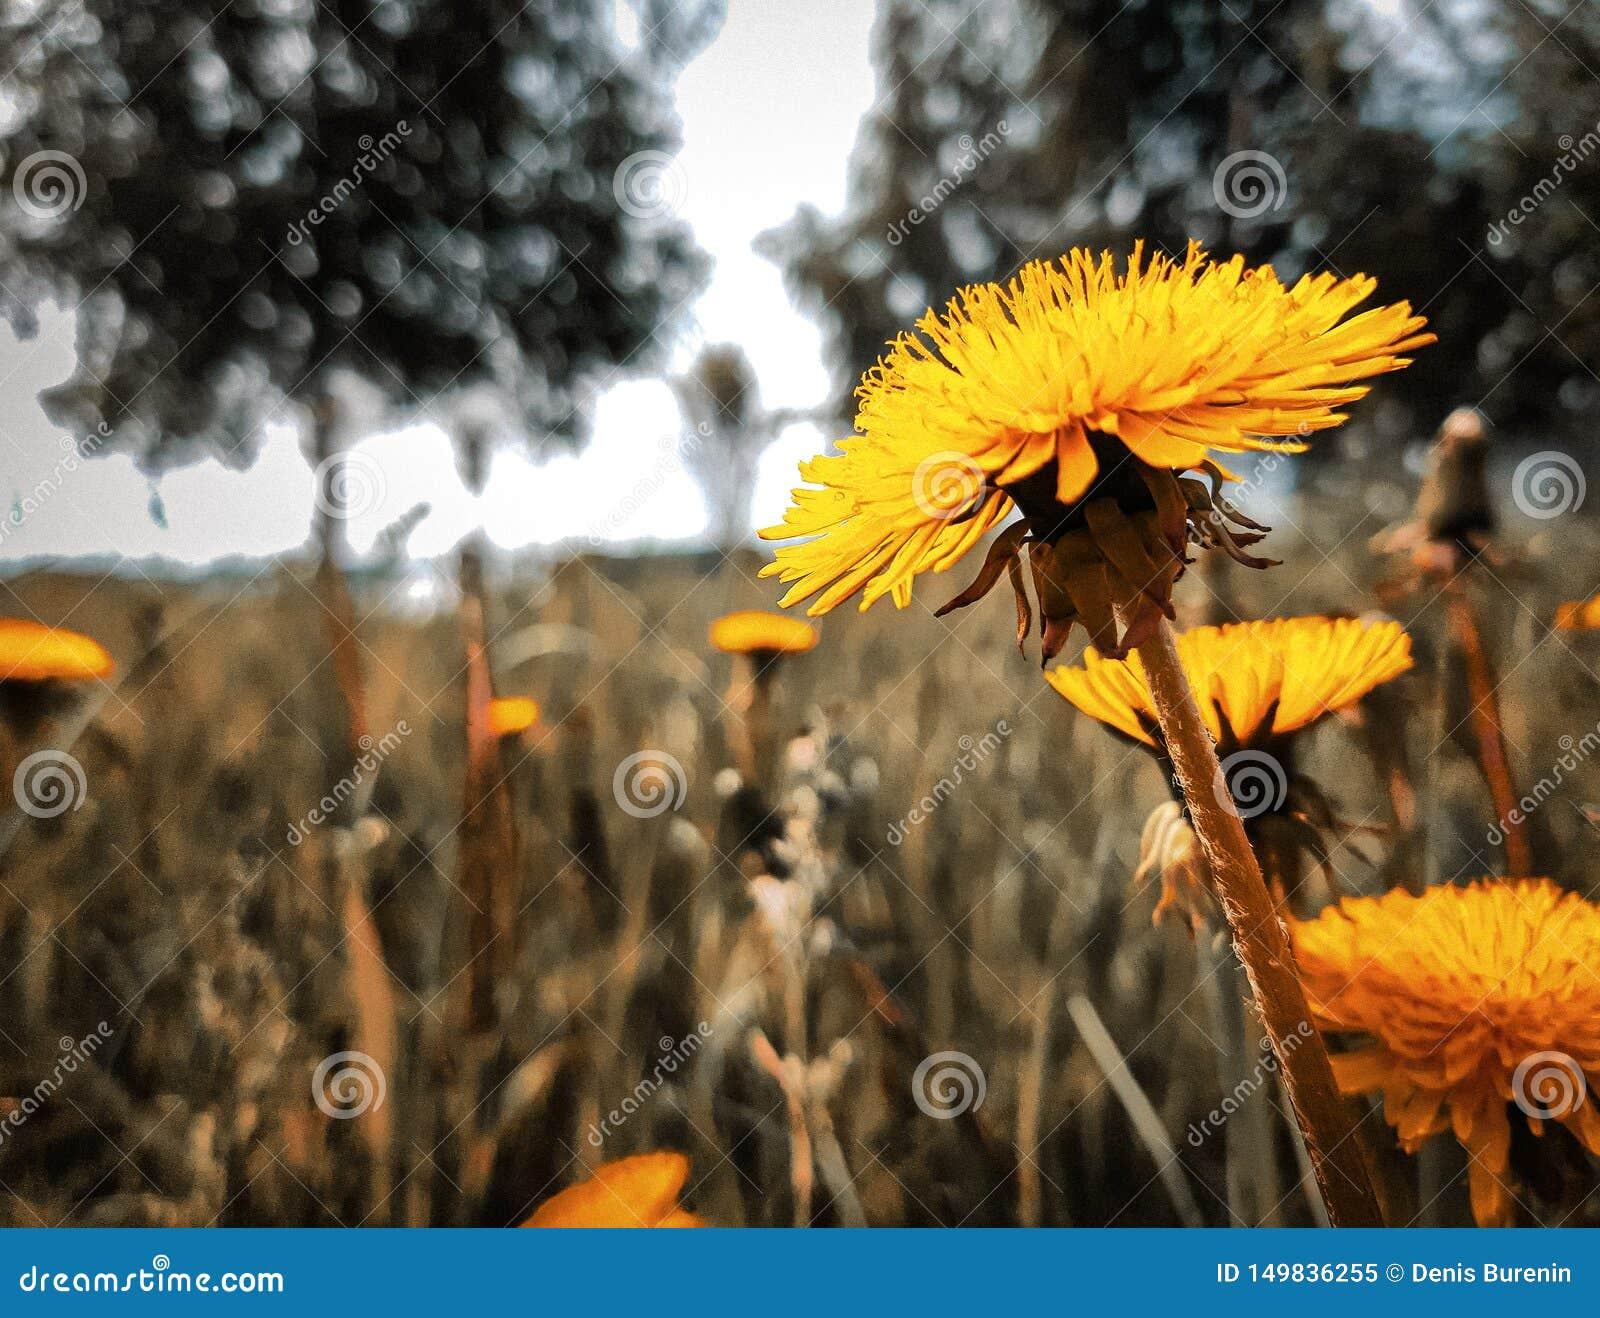 Beau pissenlit jaune lumineux, sur le fond brouillé de l herbe verte et des arbres